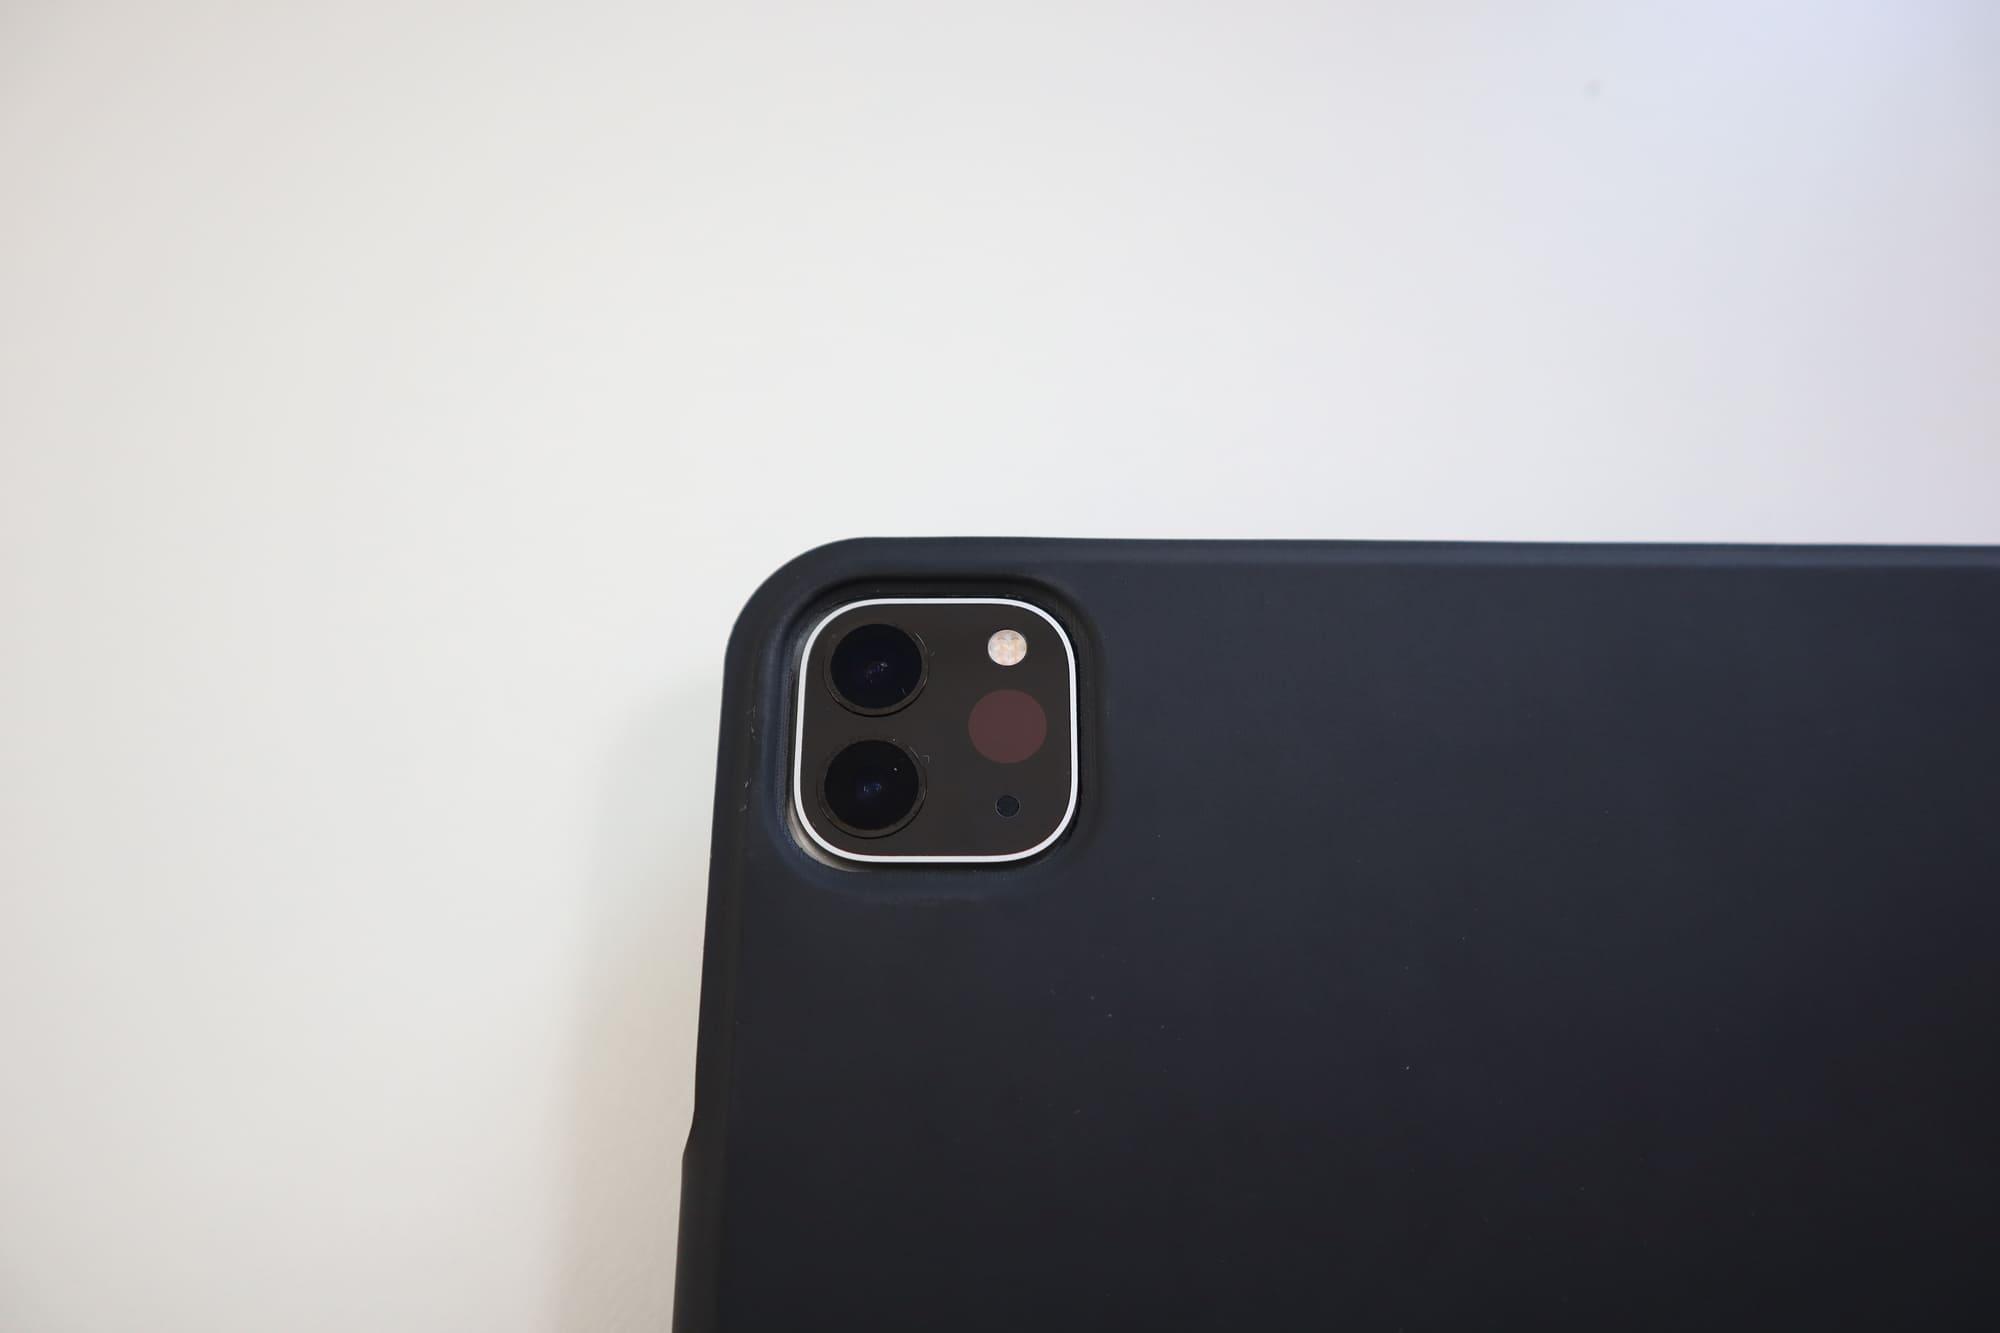 ESRのiPad Pro用ケースのカメラ部分